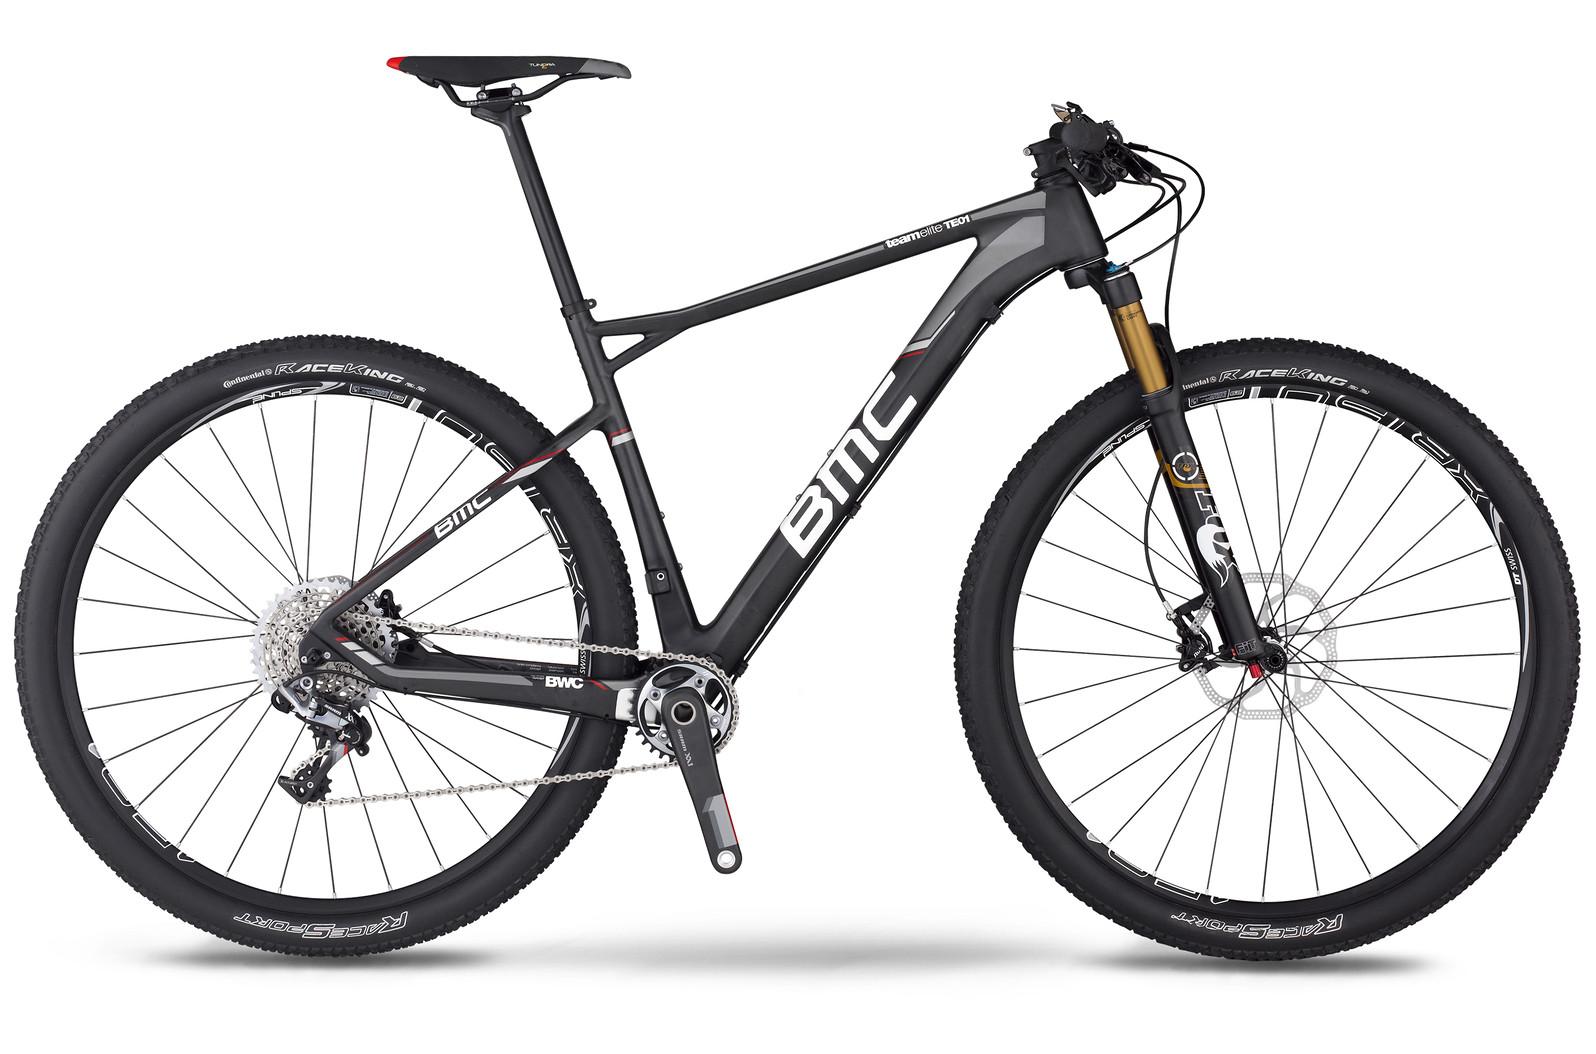 2014 BMC Teamelite TE01 29 with XX1 - Reviews, Comparisons ...